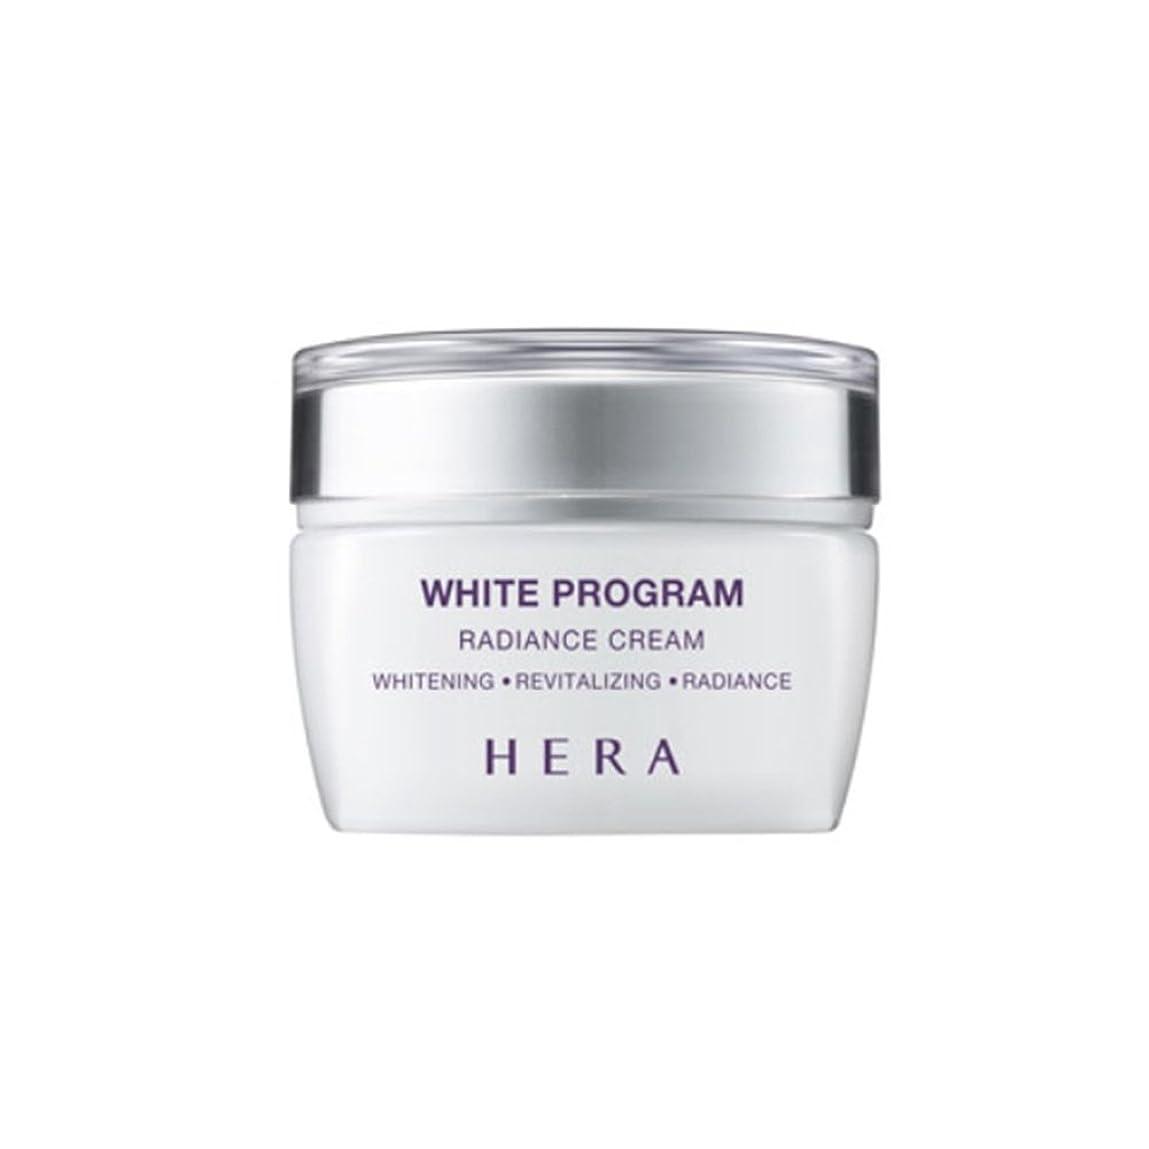 バンドルチャールズキージングカウントアップ(ヘラ)HERA White Program Radiance Cream ホワイトプログラムラディアンス クリーム (韓国直送品) OOPSPANDA